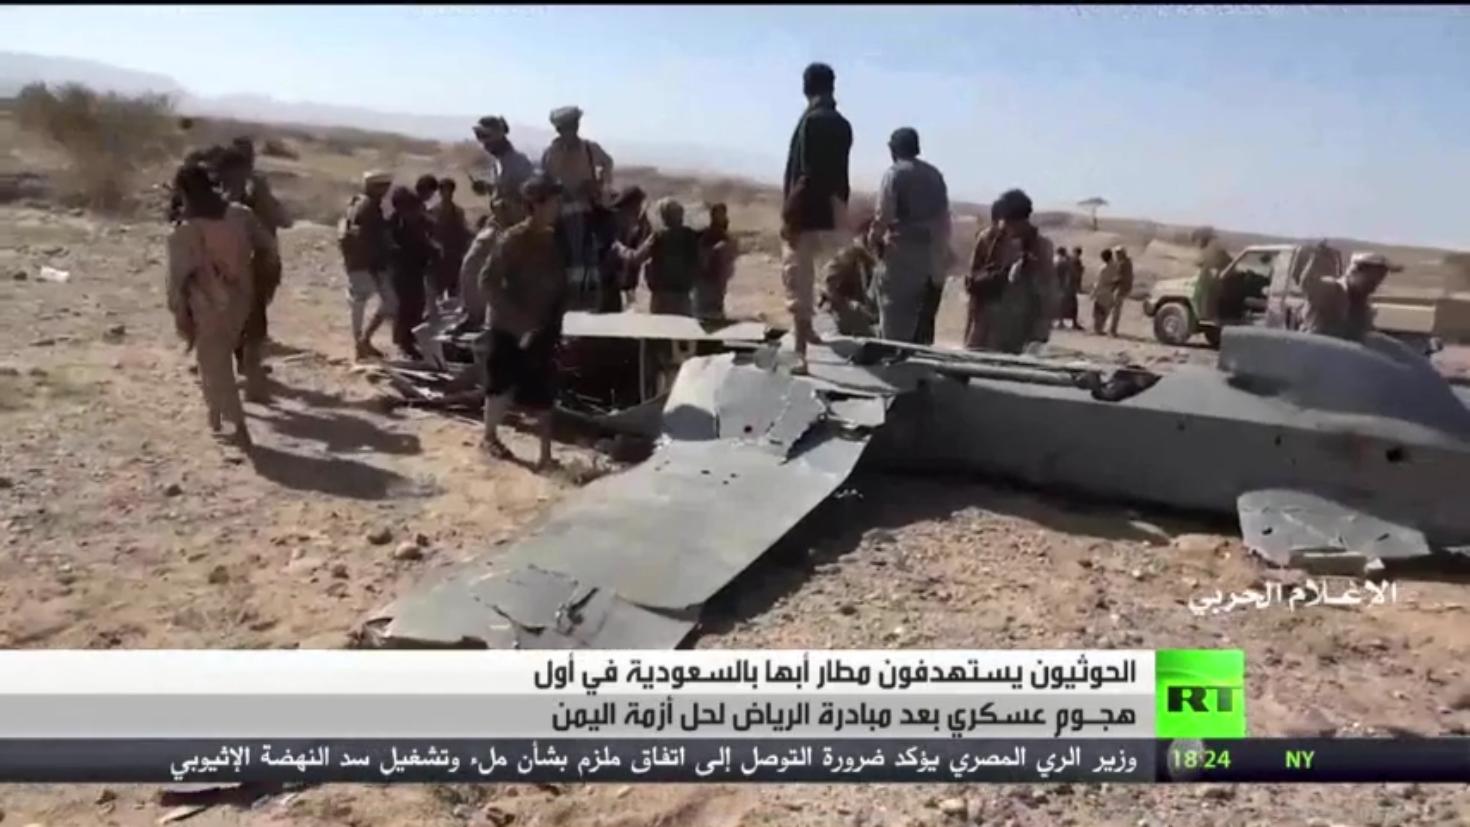 الحوثيون يعلنون استهداف مطار أبها بالسعودية